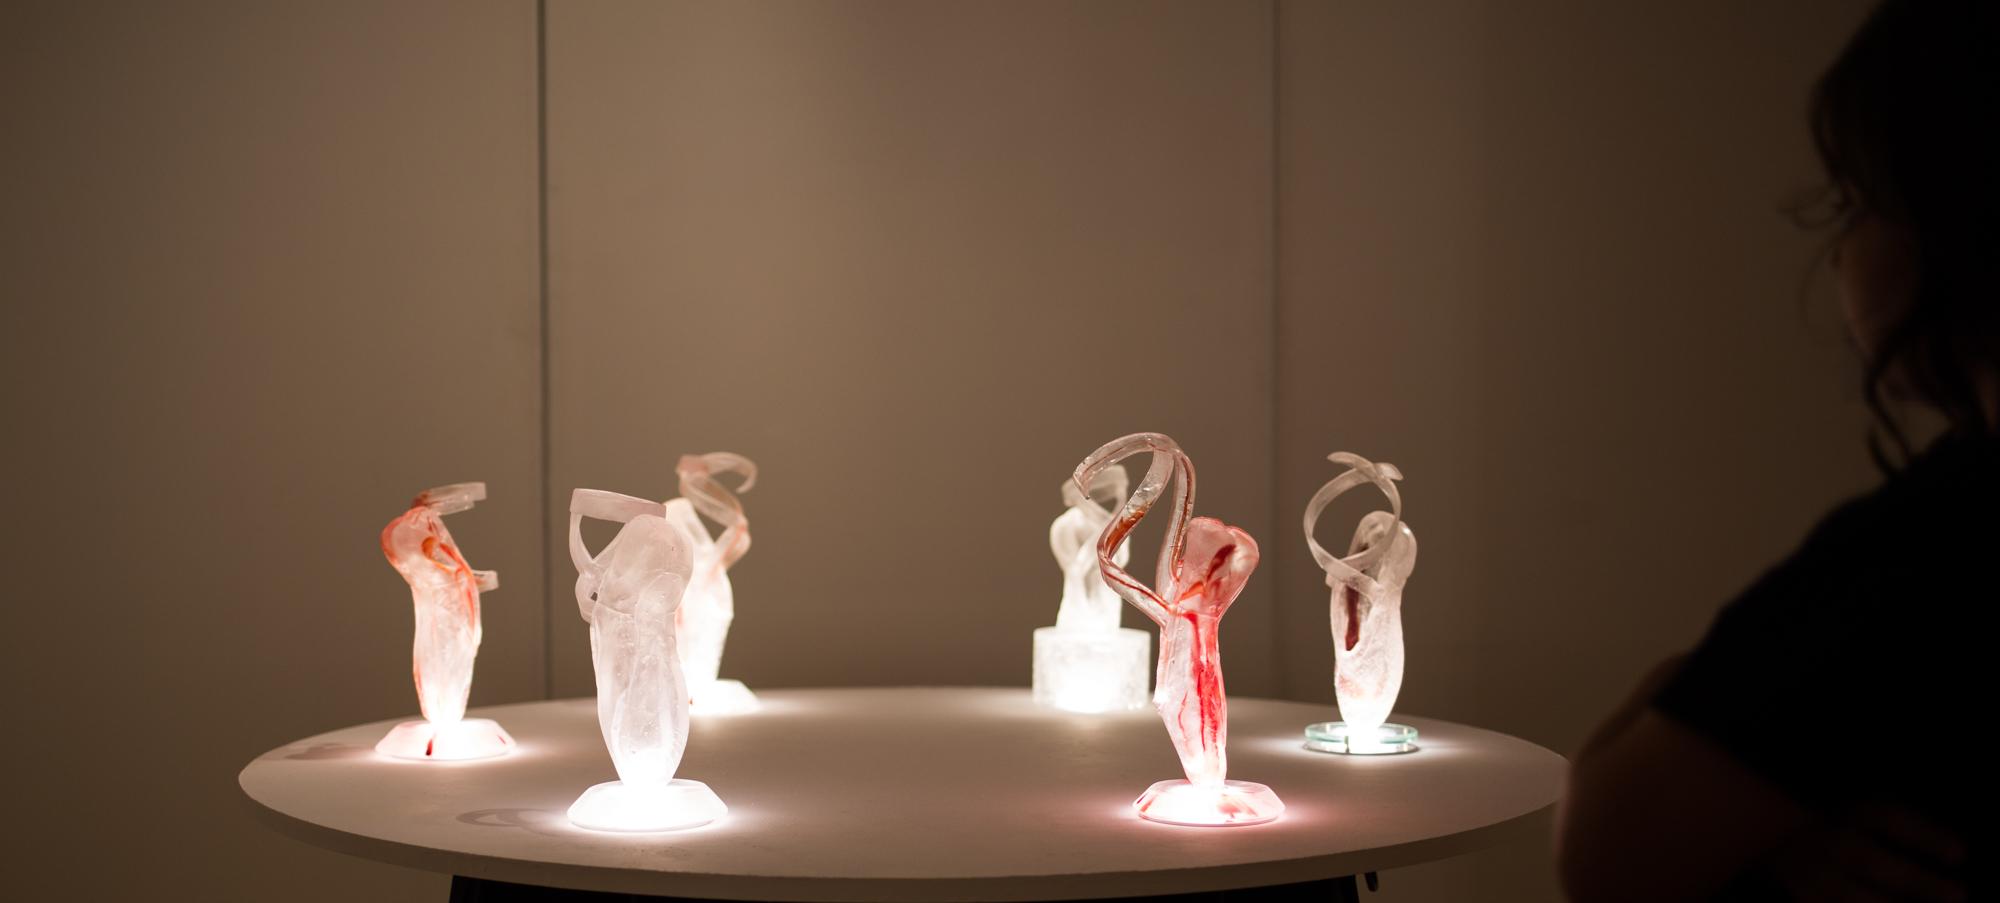 cast glass art ballet series persistence